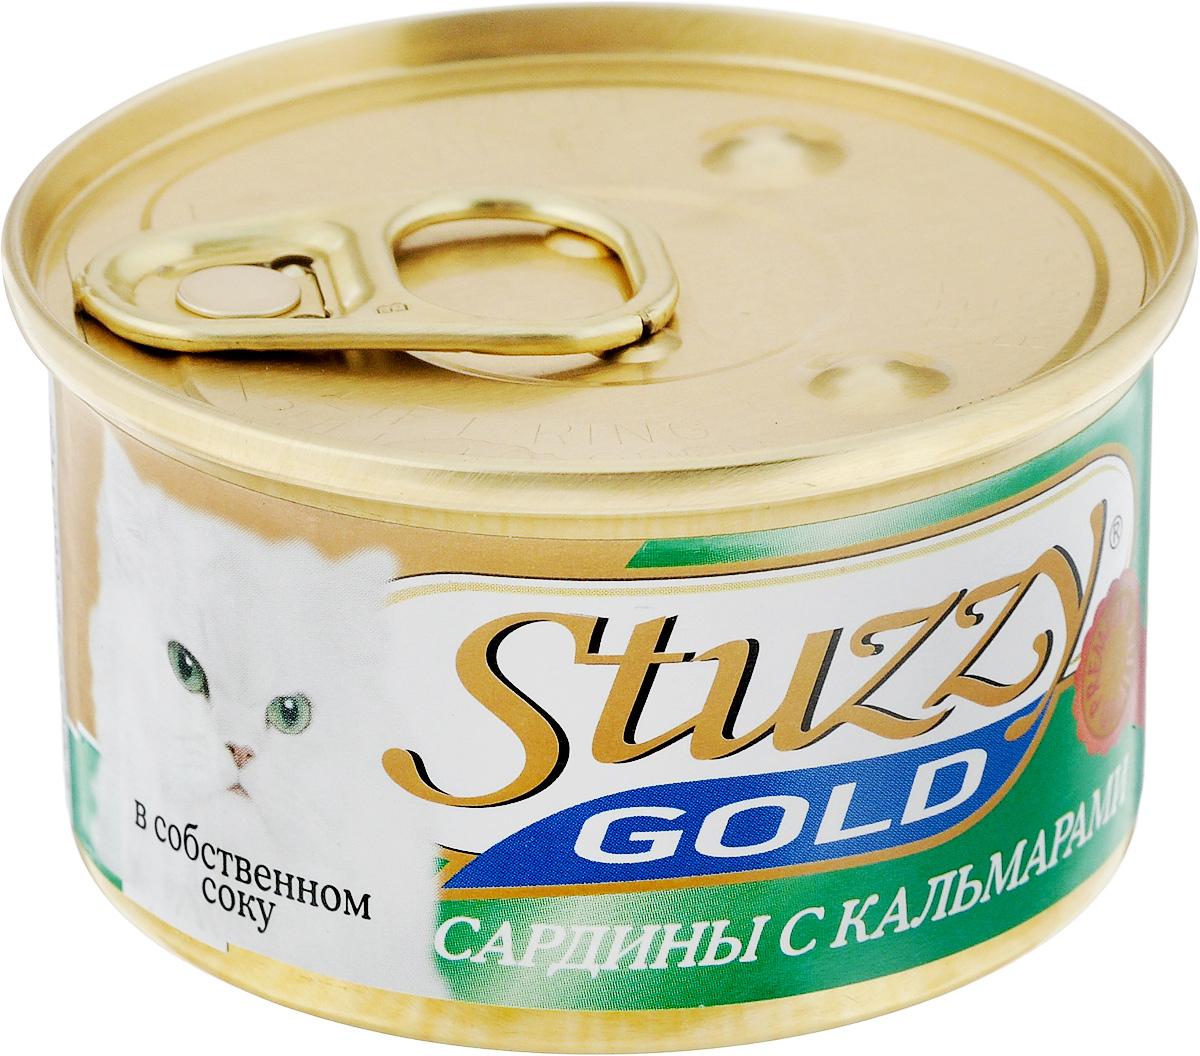 Консервы для взрослых кошек Stuzzy Gold, сардины с кальмарами в собственном соку, 85 г консервы для кошек stuzzy gold тунец в собственном соку 85 г